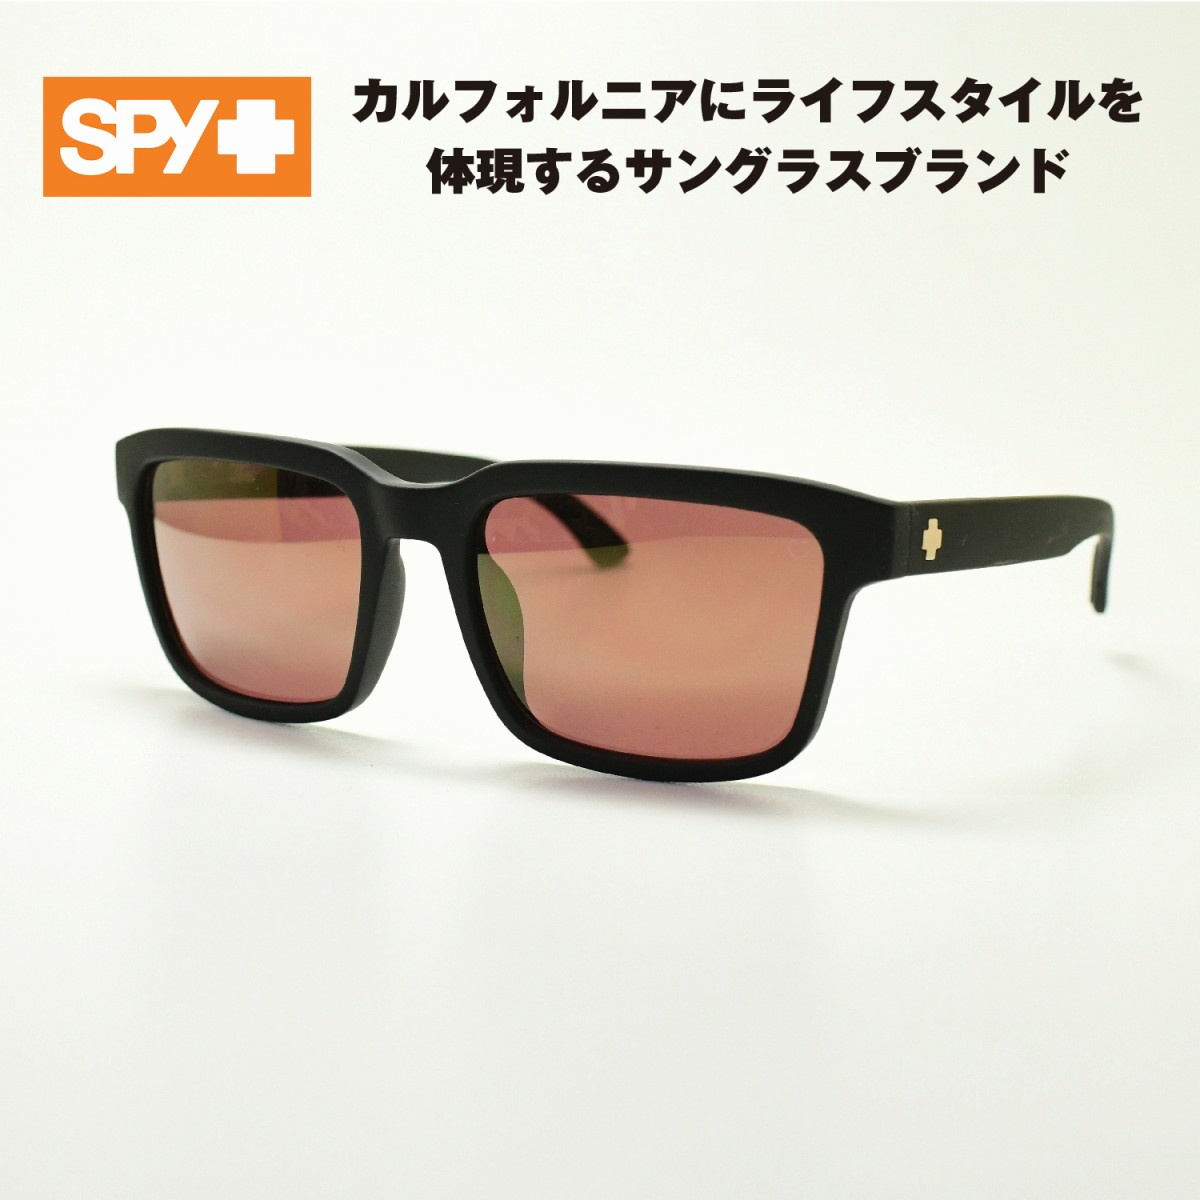 SPY スパイHELM2 ヘルム2(マットブラック/ブロンズ ゴールドミラー)